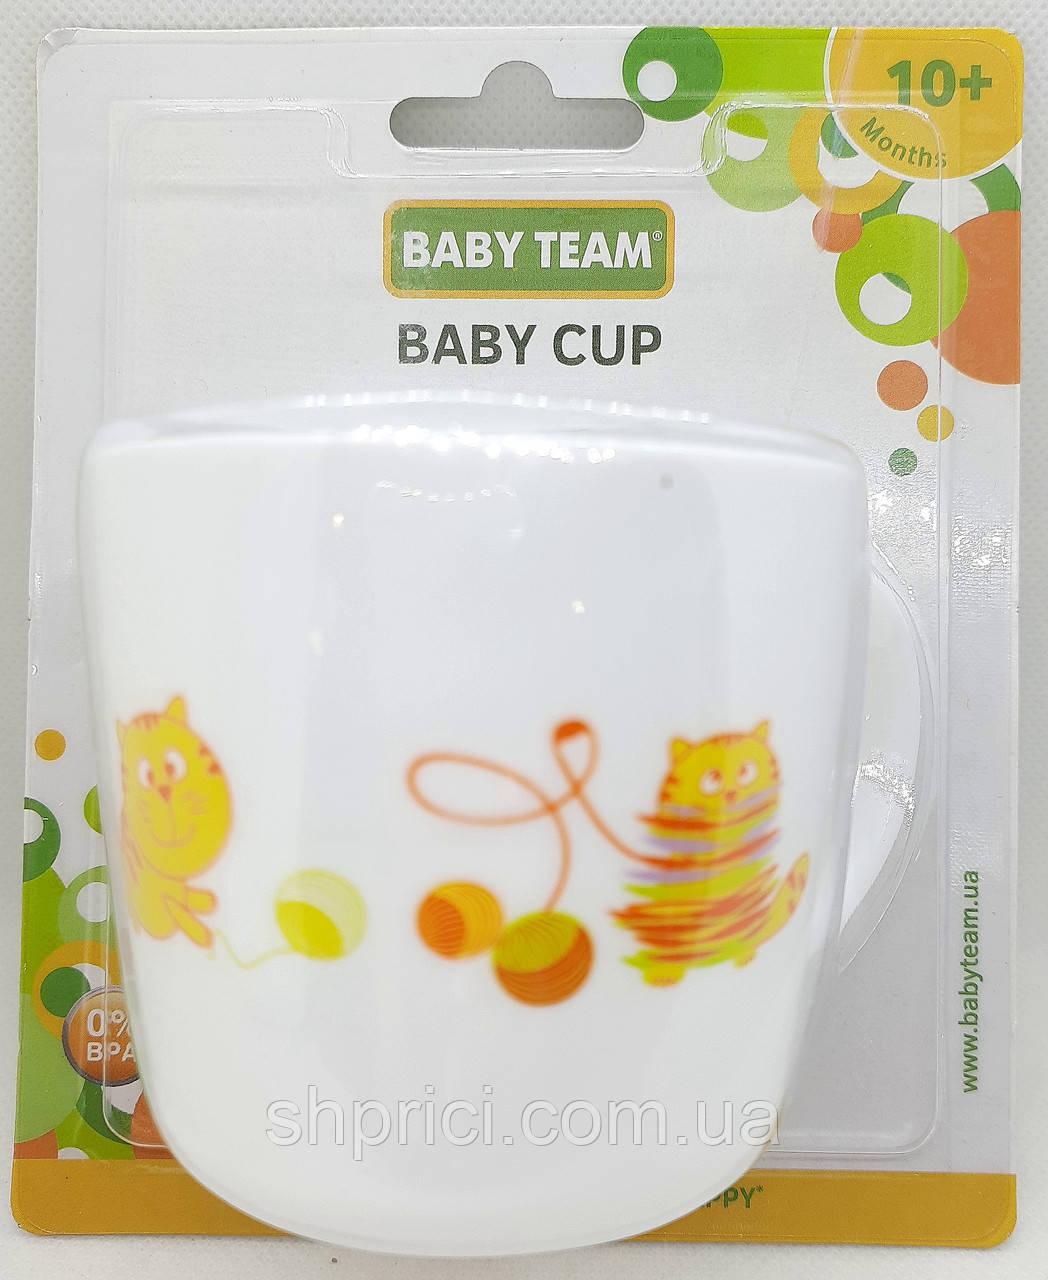 Чашка детская BabyТeam, 250 мл, 10+, арт. 6006